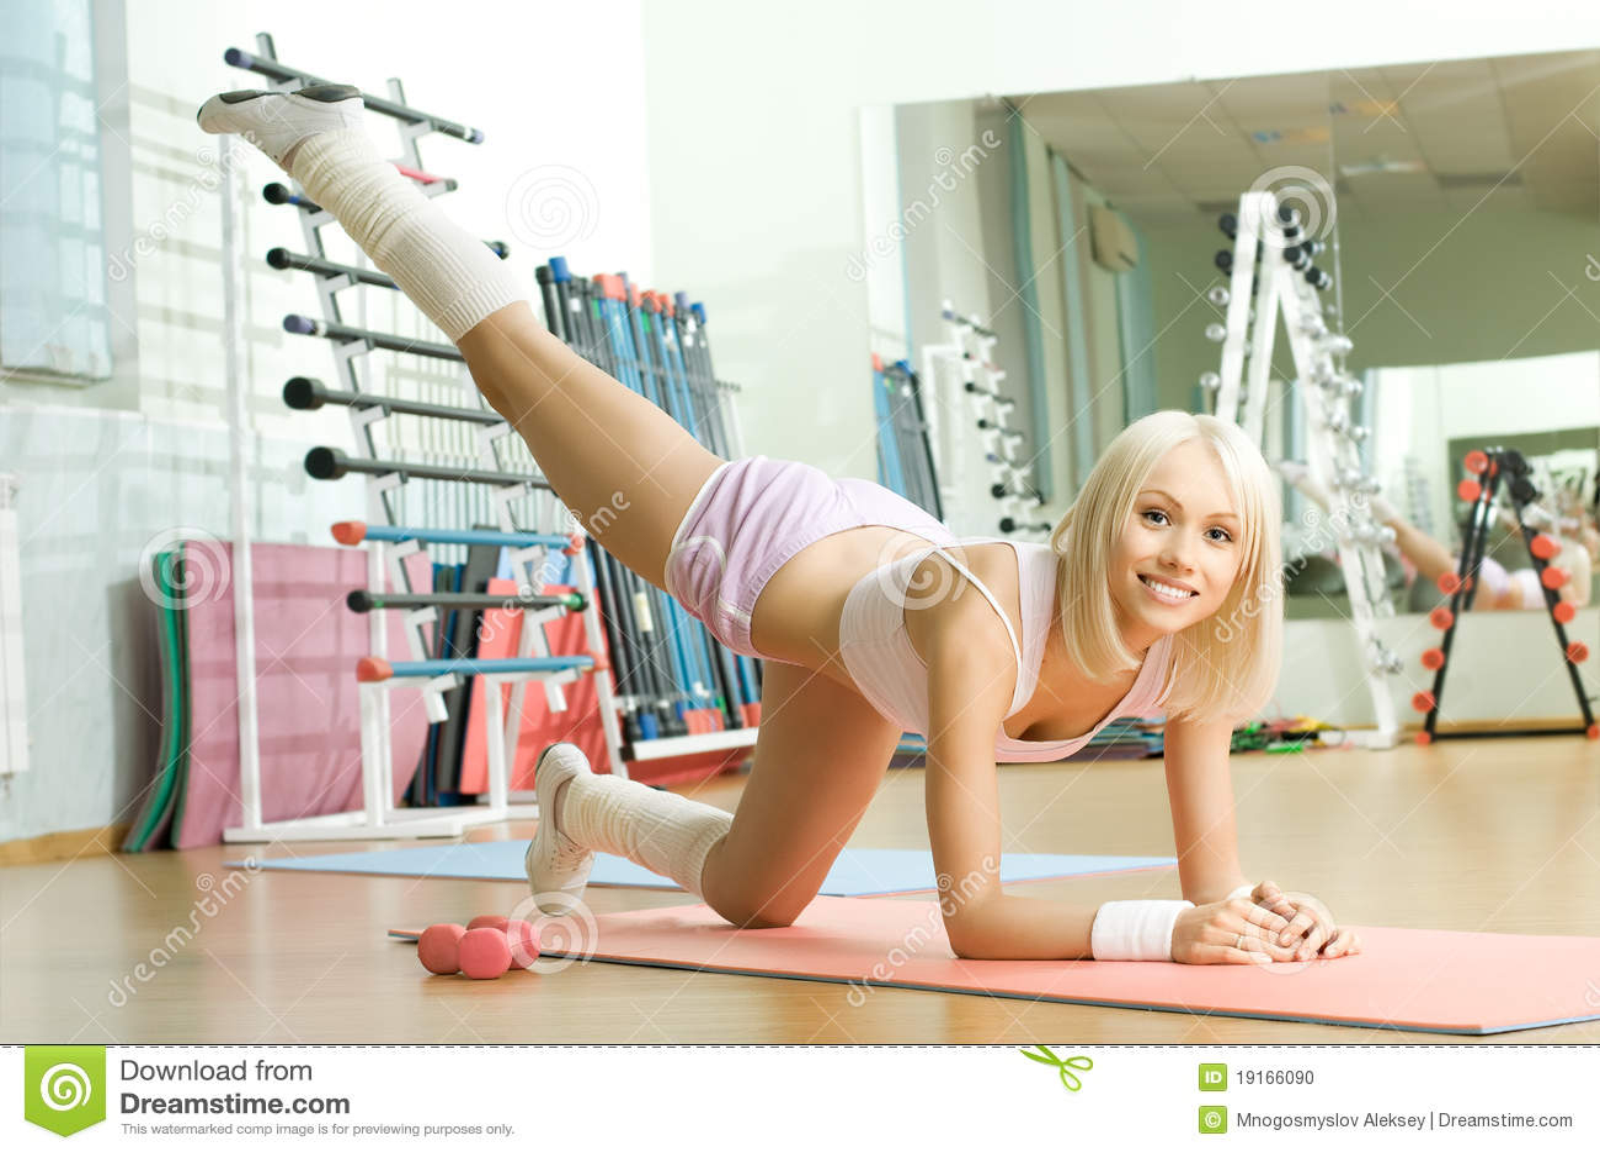 Русская девушка пришла заниматься фитнесом 1 фотография